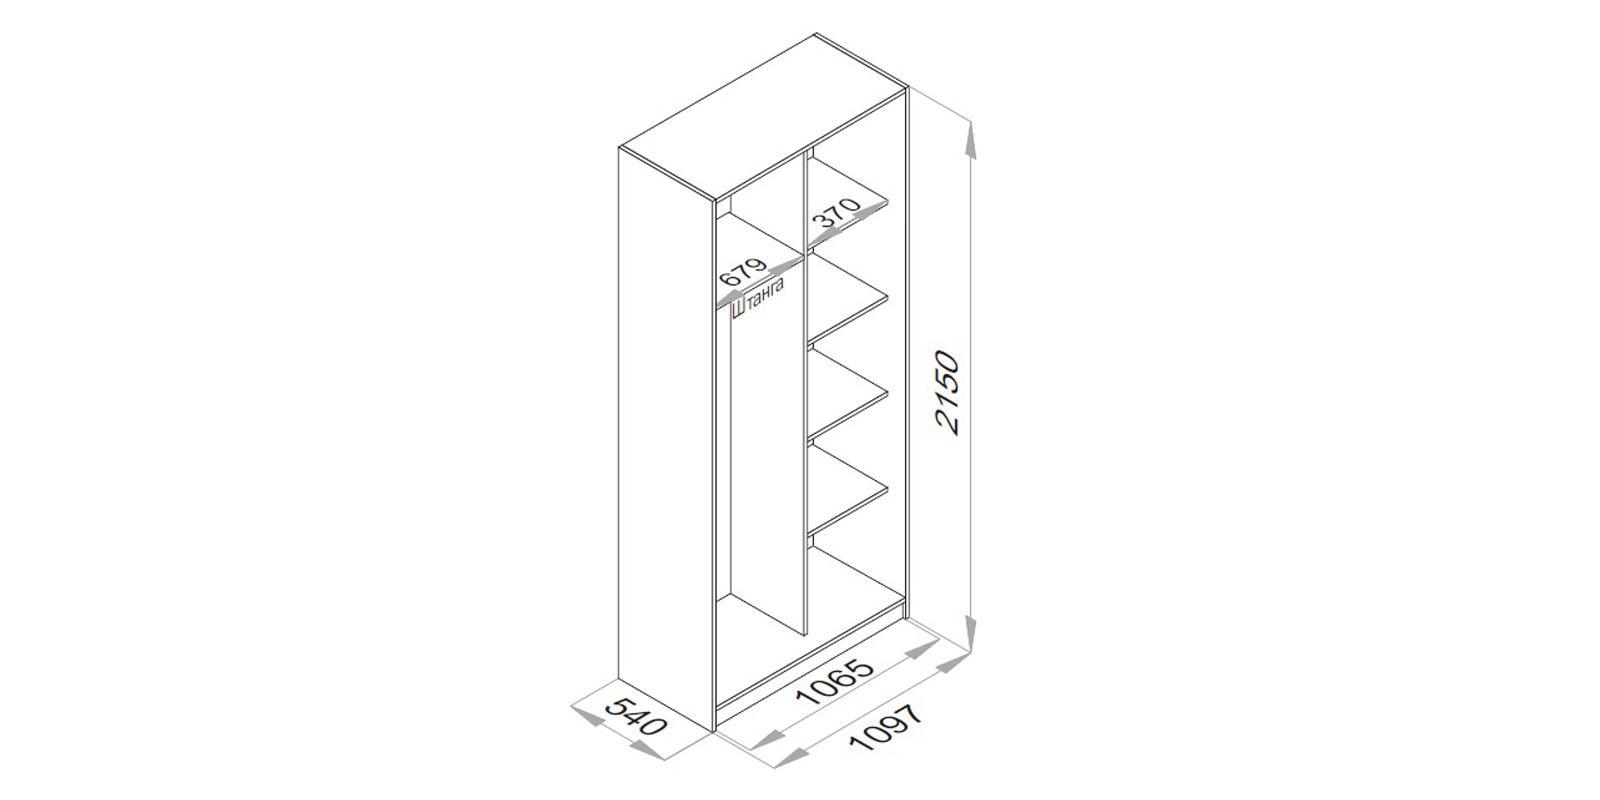 Шкаф-купе двухдверный Бостон 110 см (дуб феррара/комбинированный)